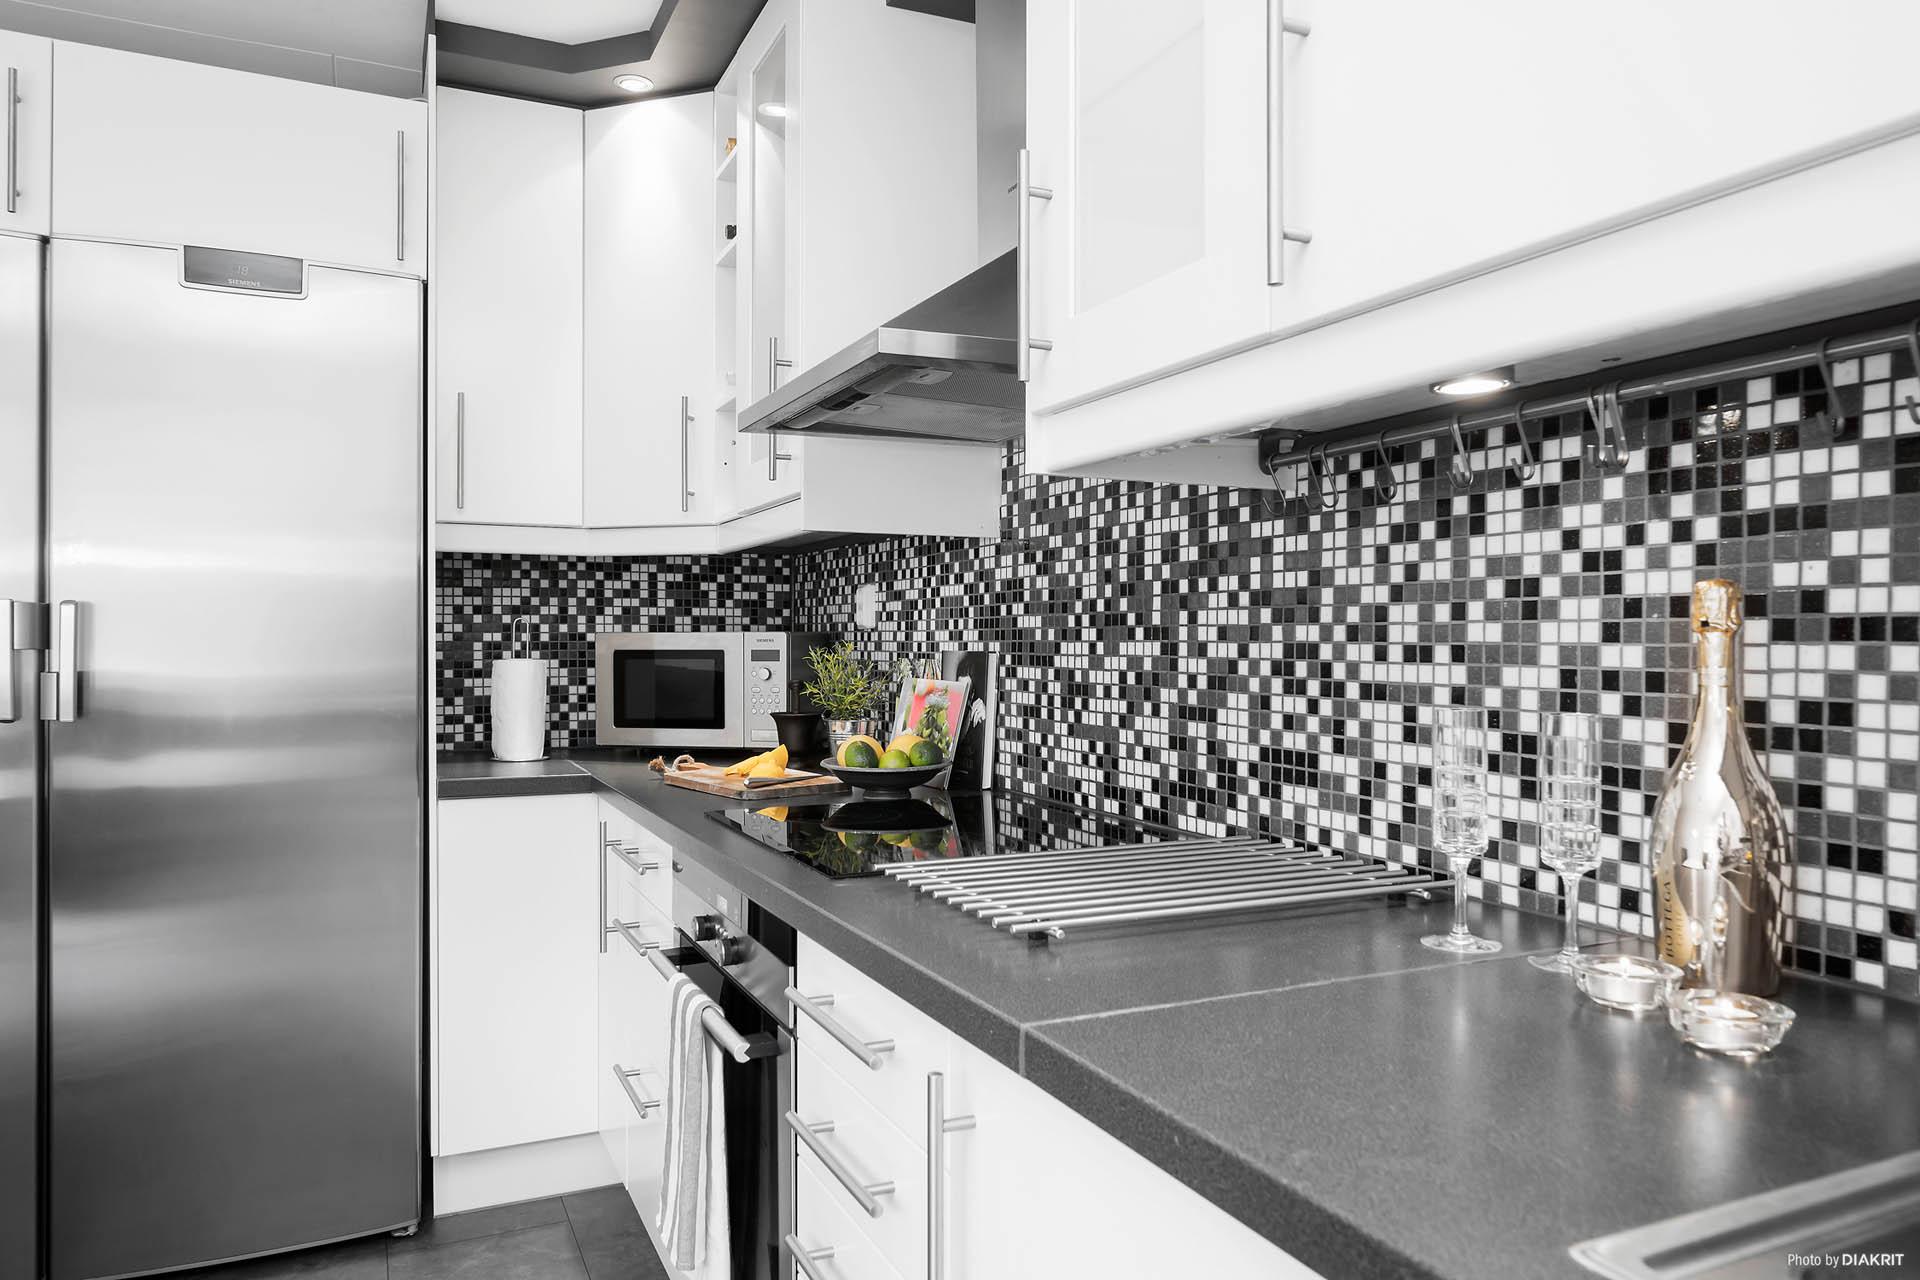 Snyggt kök med spotlights